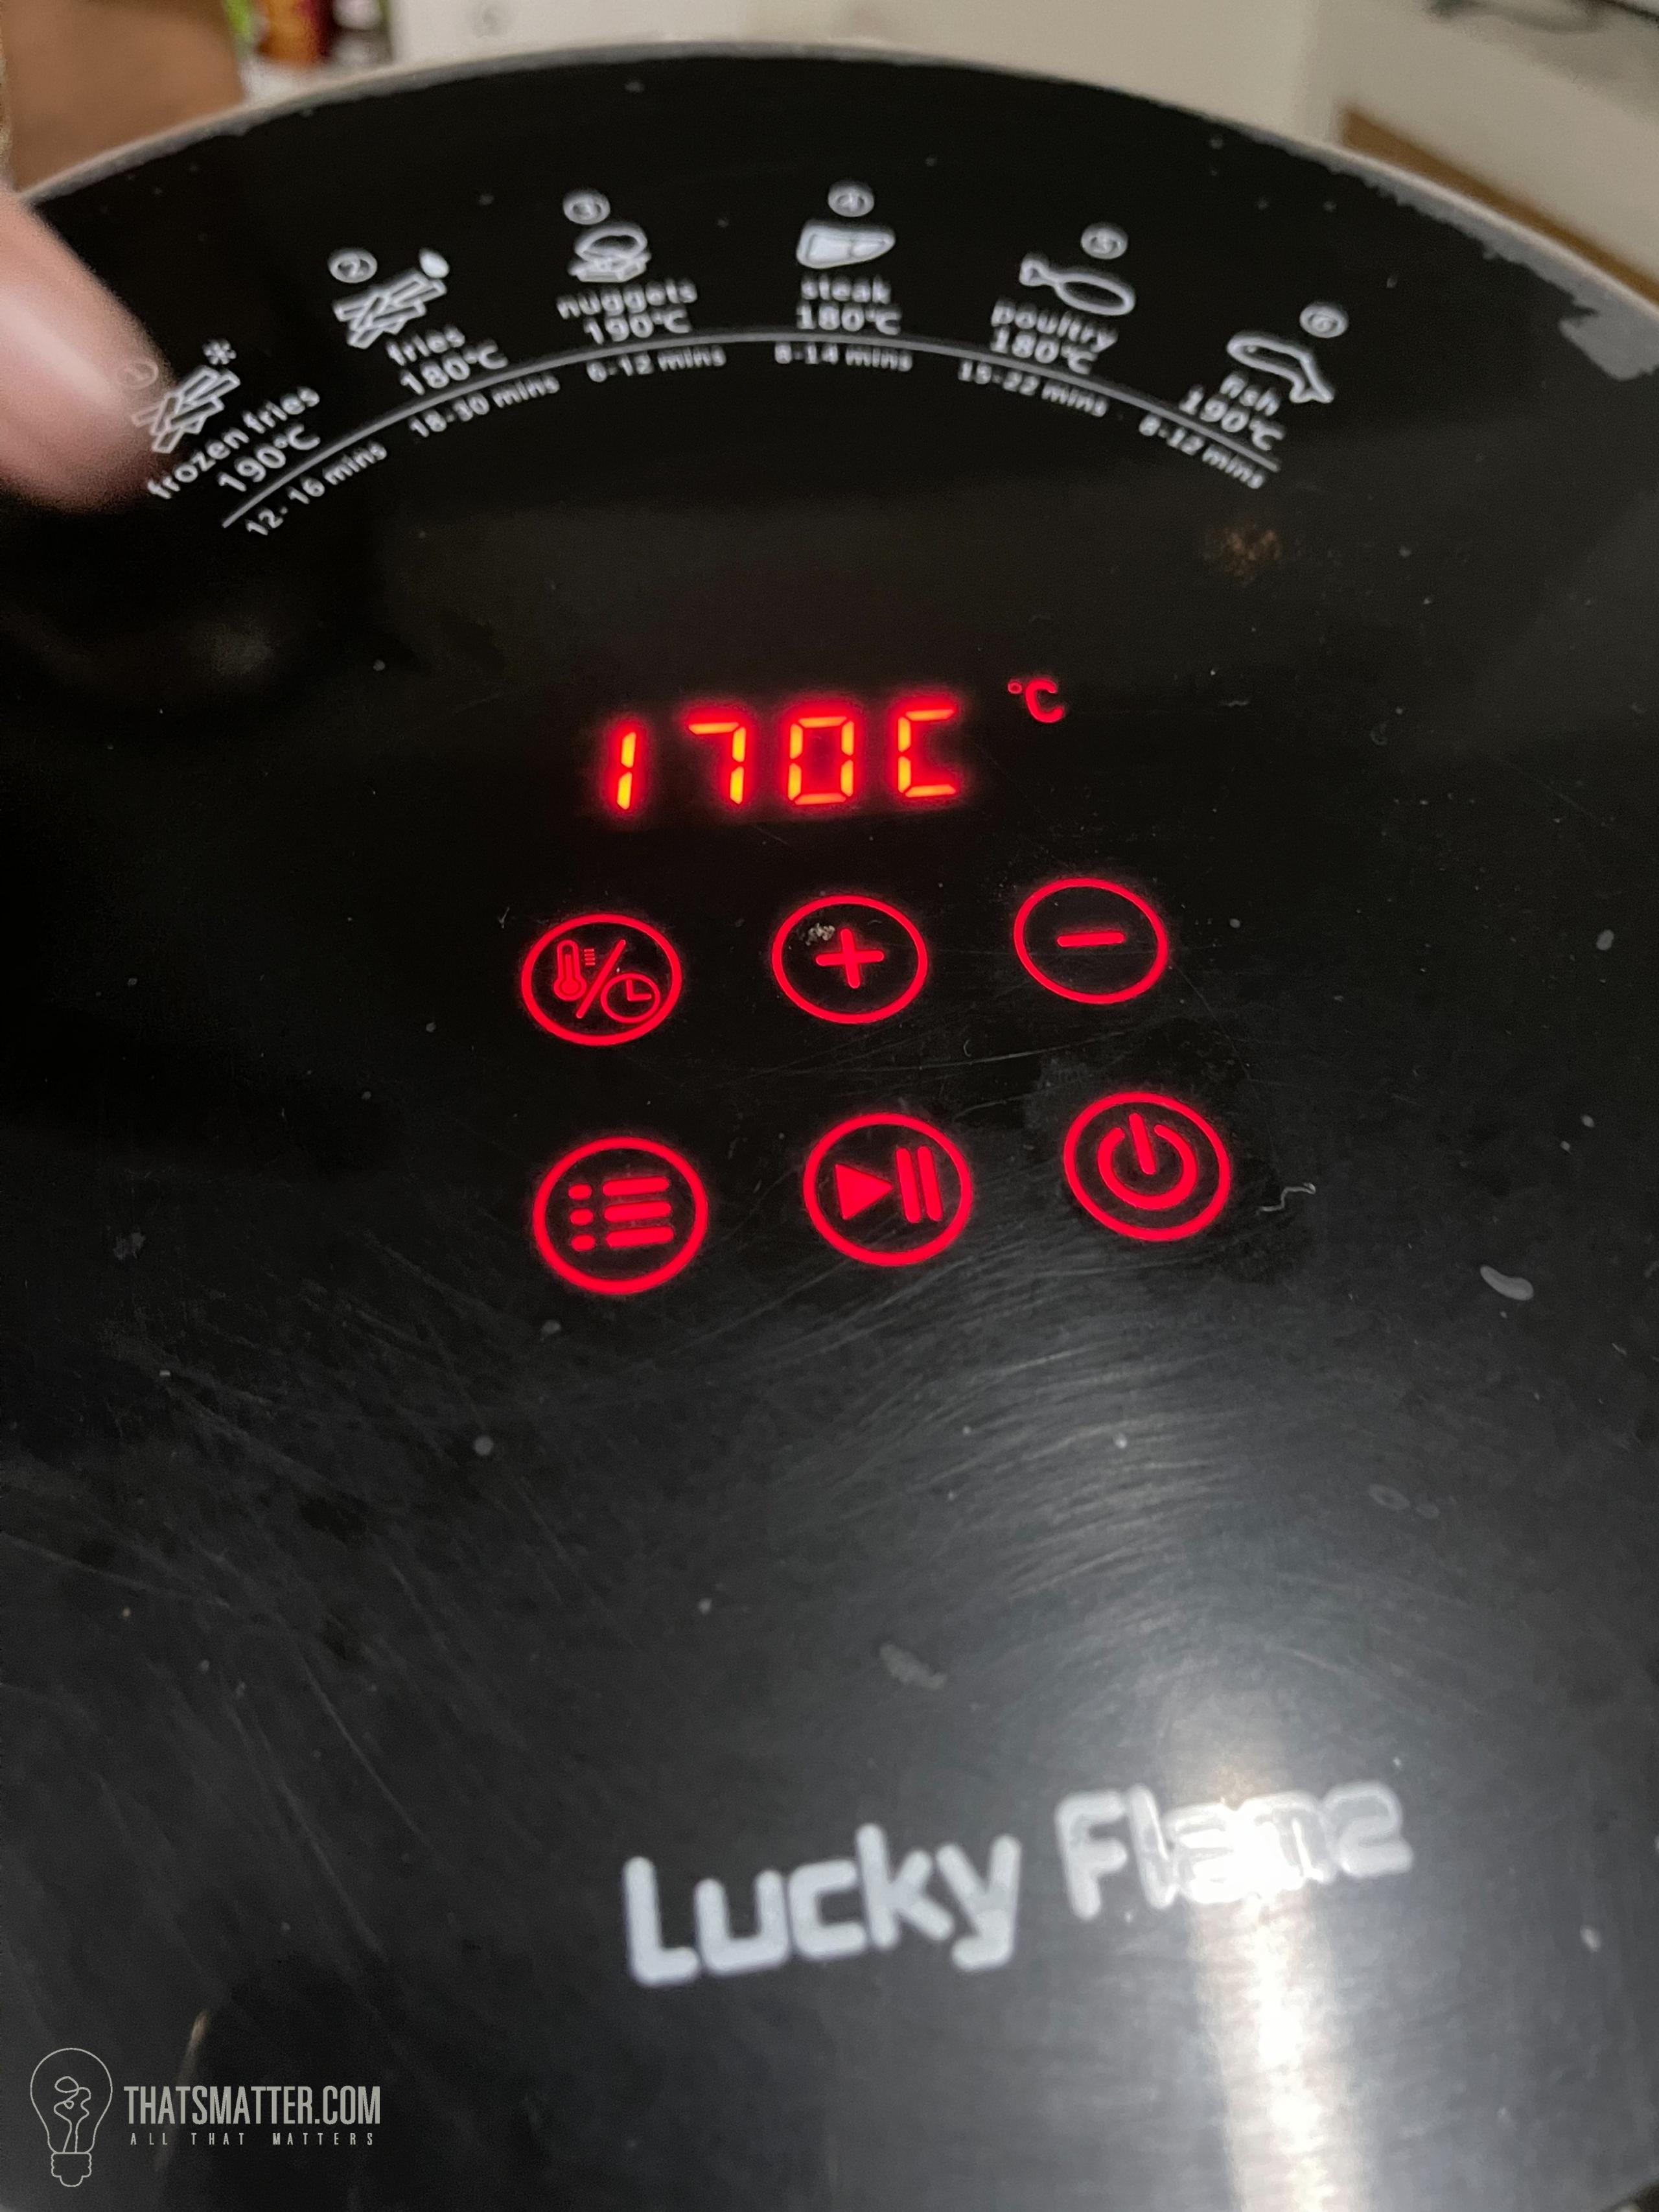 LUCKY FLAME หม้อทอดไร้น้ำมัน ควบคุมด้วยระบบอิเล็กทรอนิกส์